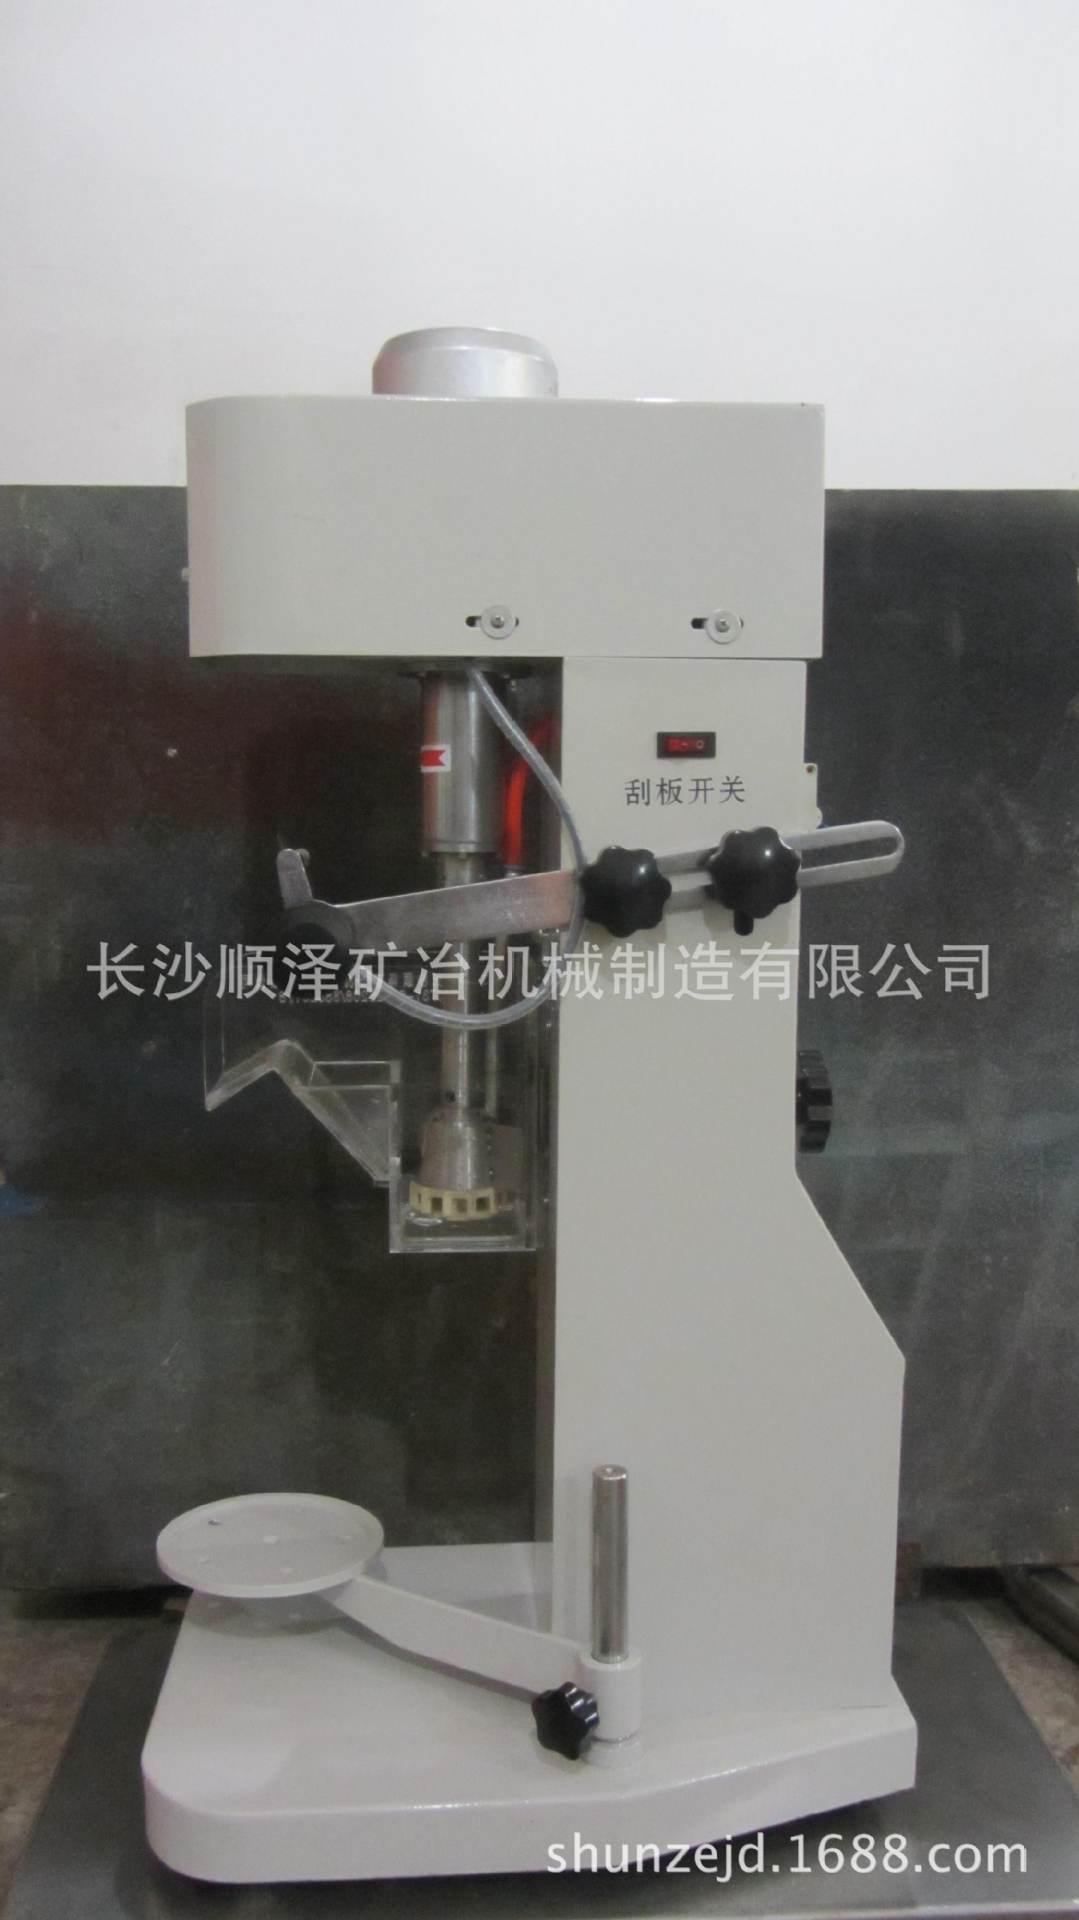 选矿实验设备XFDⅠⅡⅢ型系列浮选机—试验室制样浮选设备